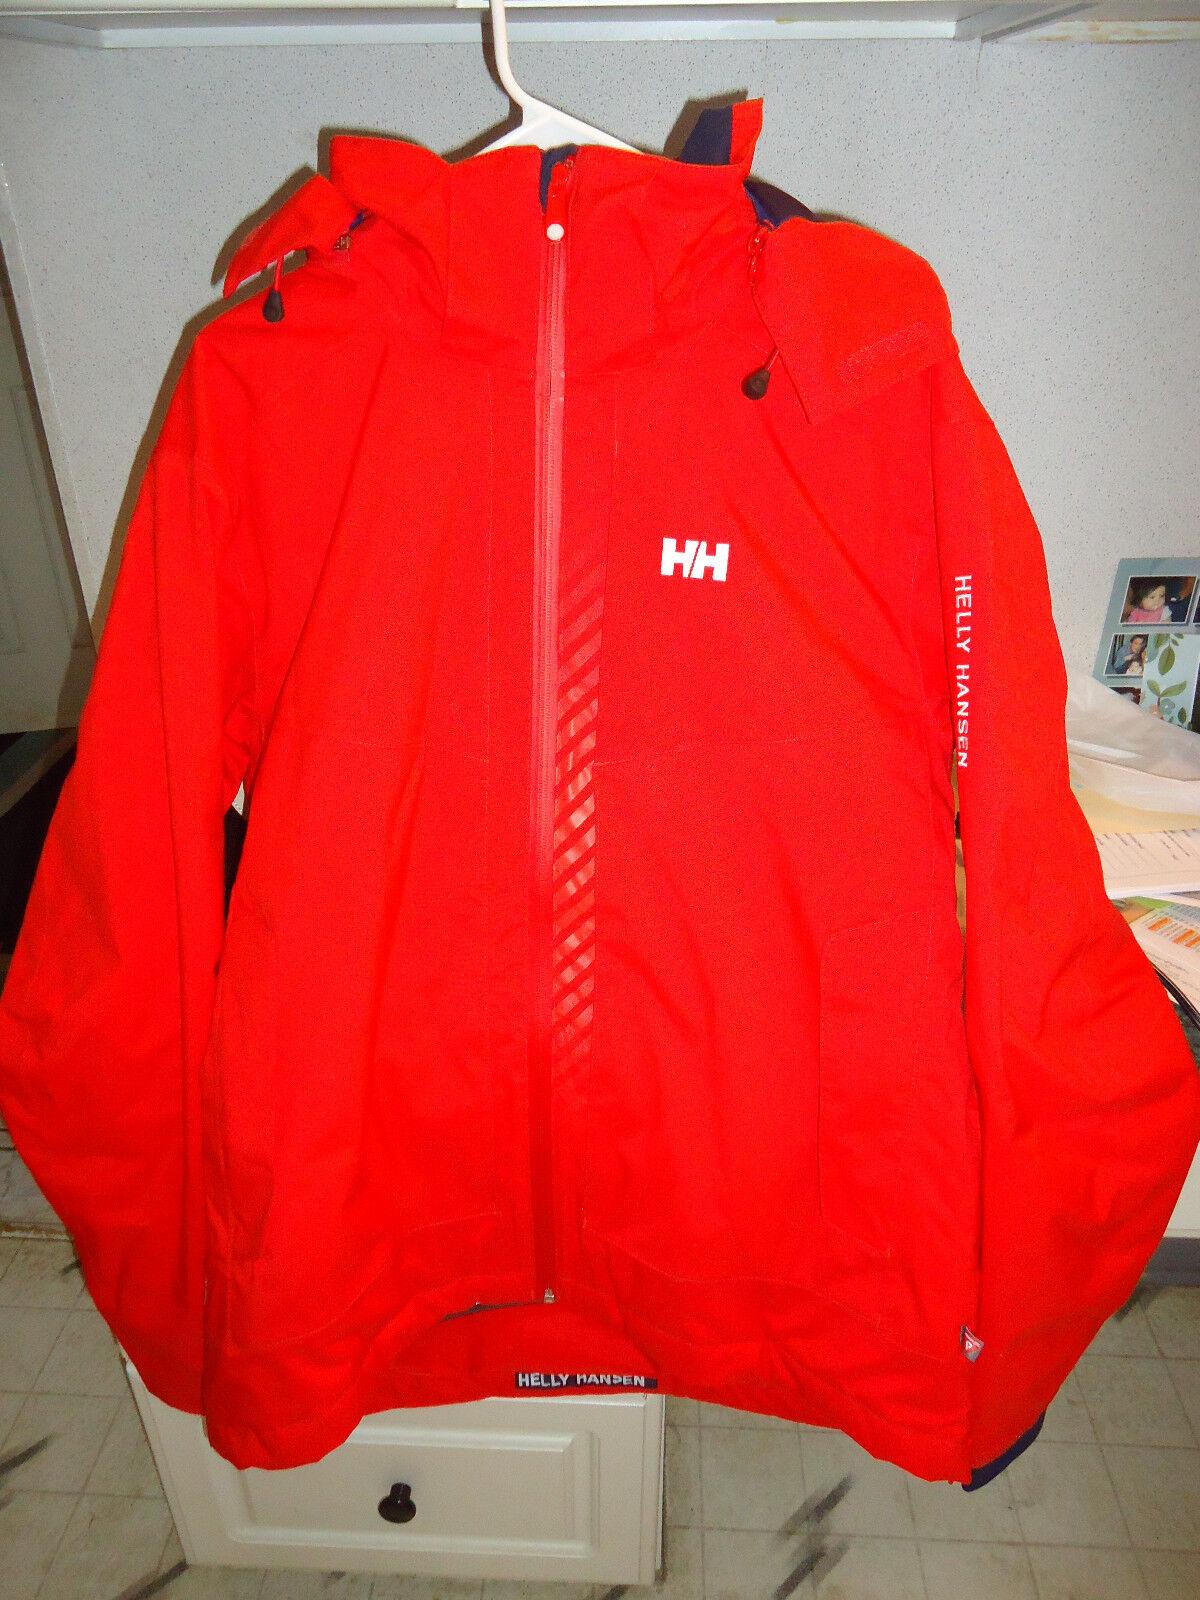 Helly Hansen Swift  2 aislado chaqueta con Recco para hombre grandes alerta rojo SRP  325  comprar marca